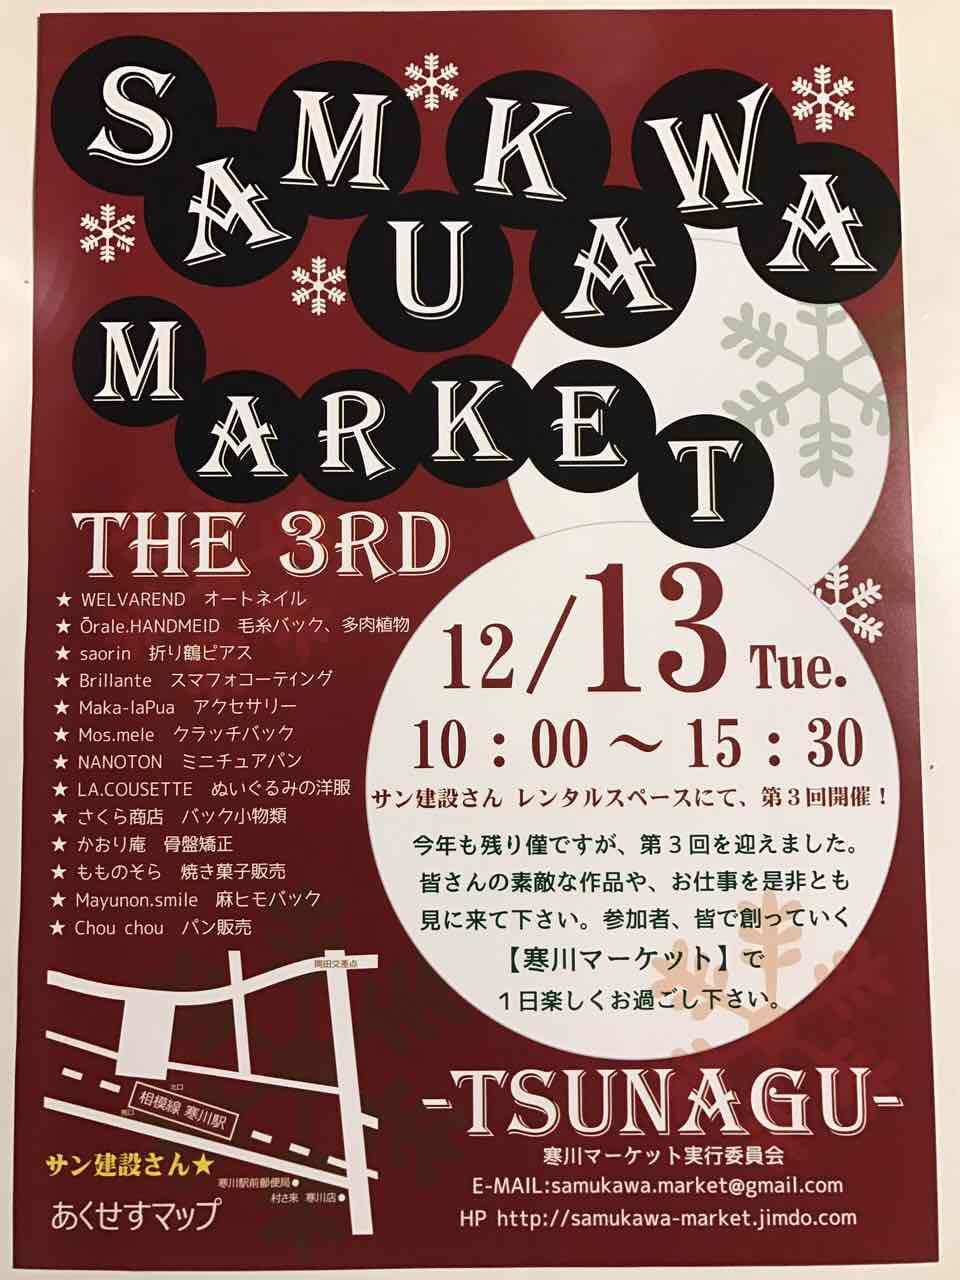 12月13日 寒川マーケット